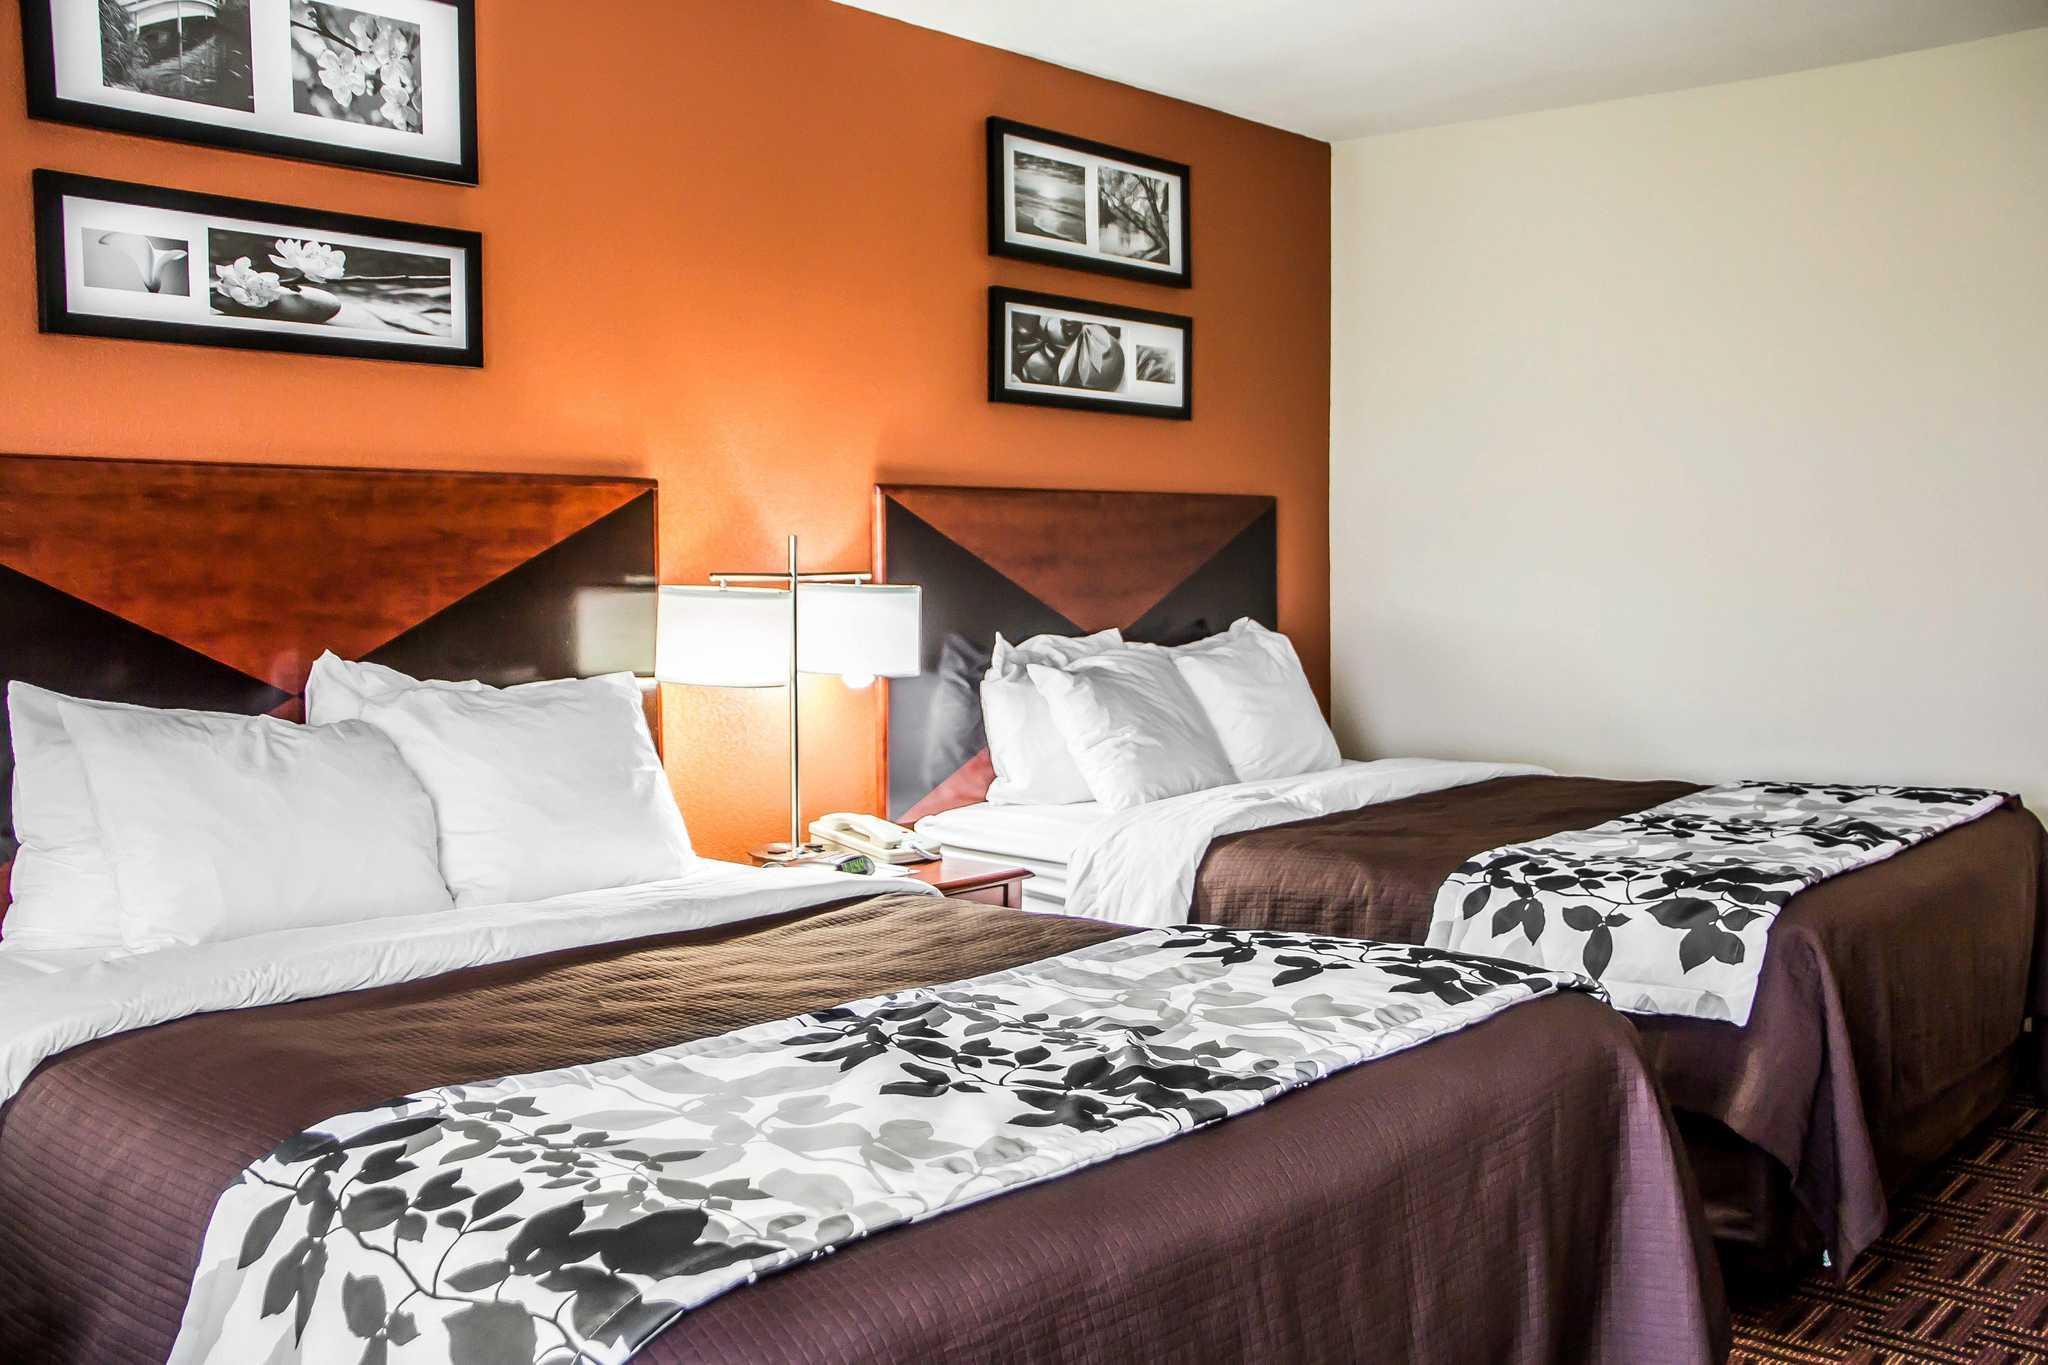 Sleep Inn & Suites Oklahoma City North, Oklahoma